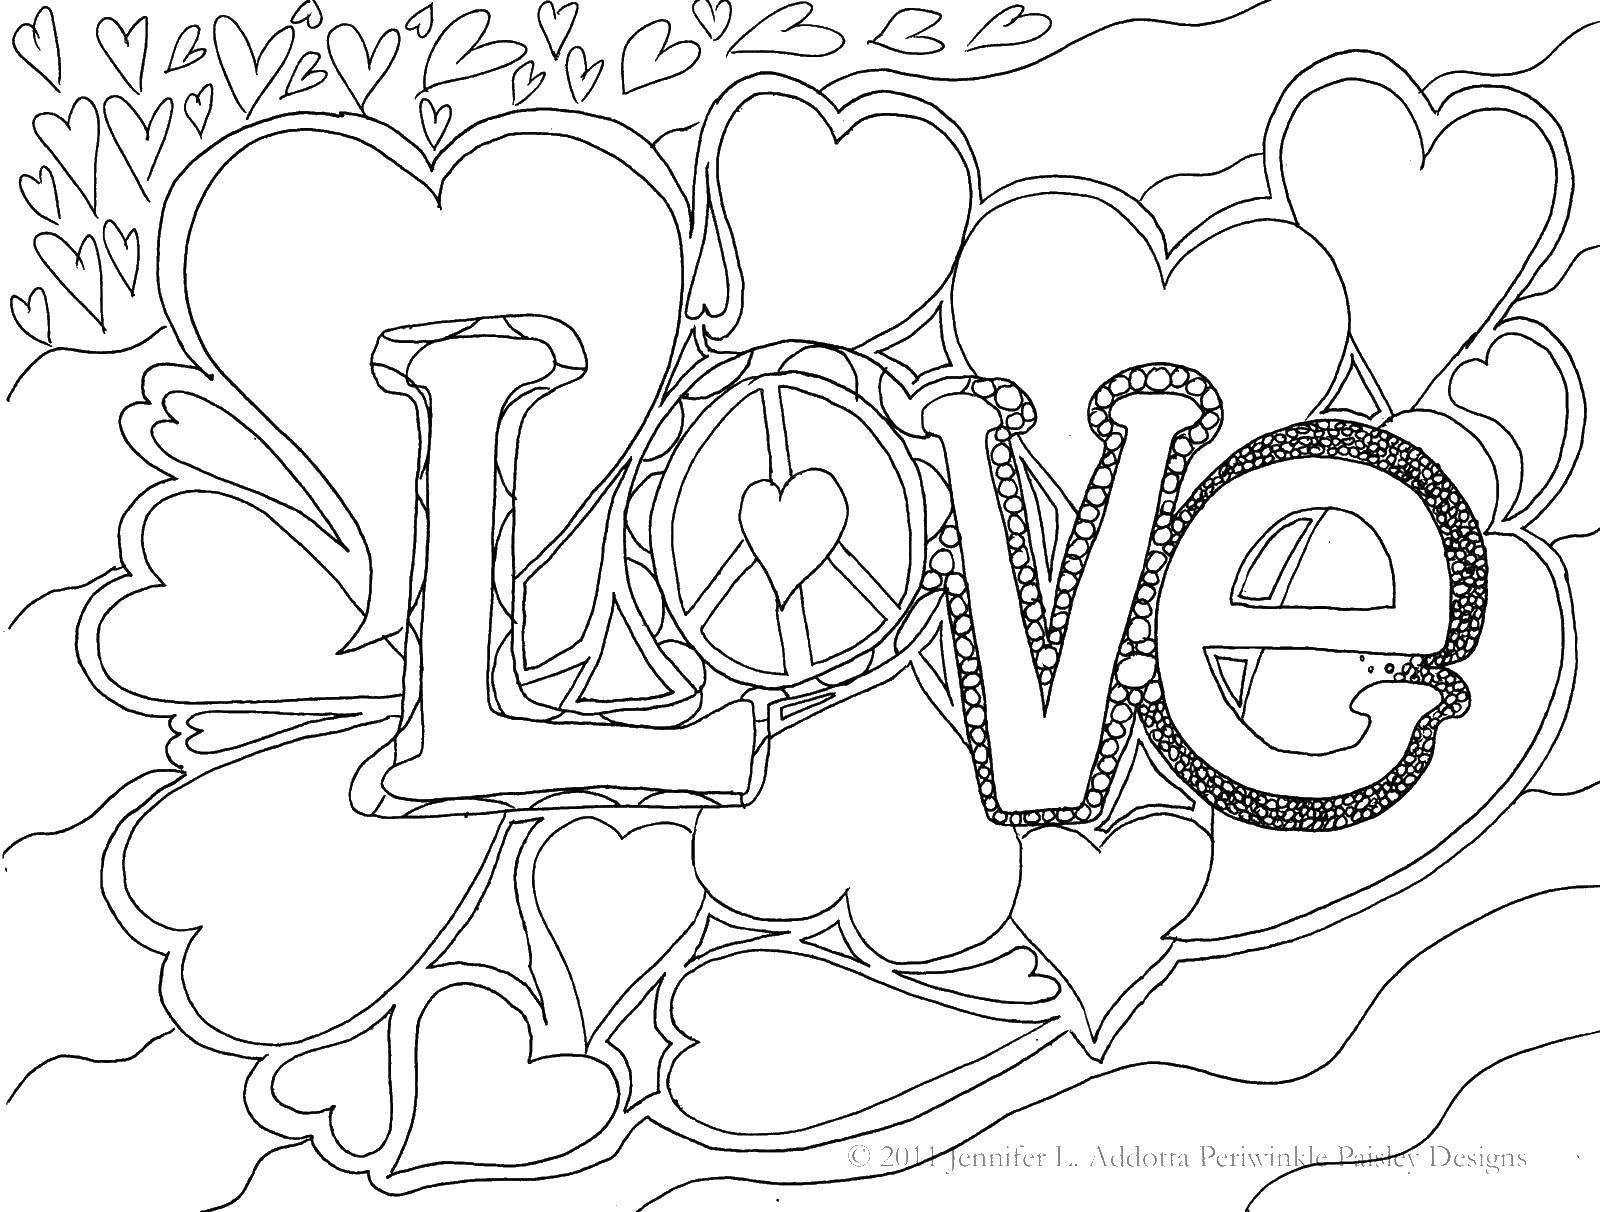 Раскраска Любовь. Скачать любовь, сердечки, надписи.  Распечатать ,Я тебя люблю,